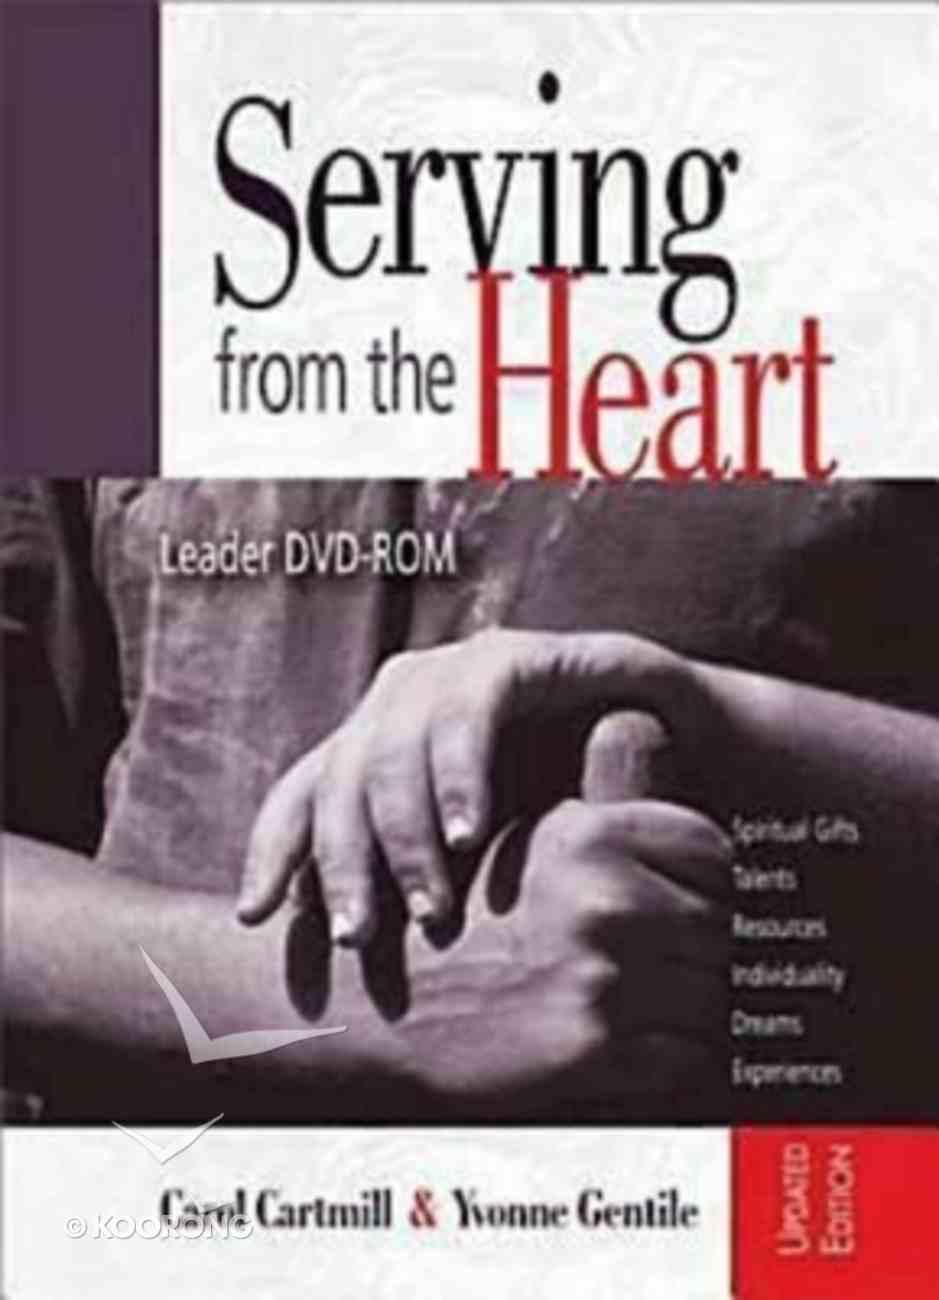 Serving the Heart (Dvd) DVD